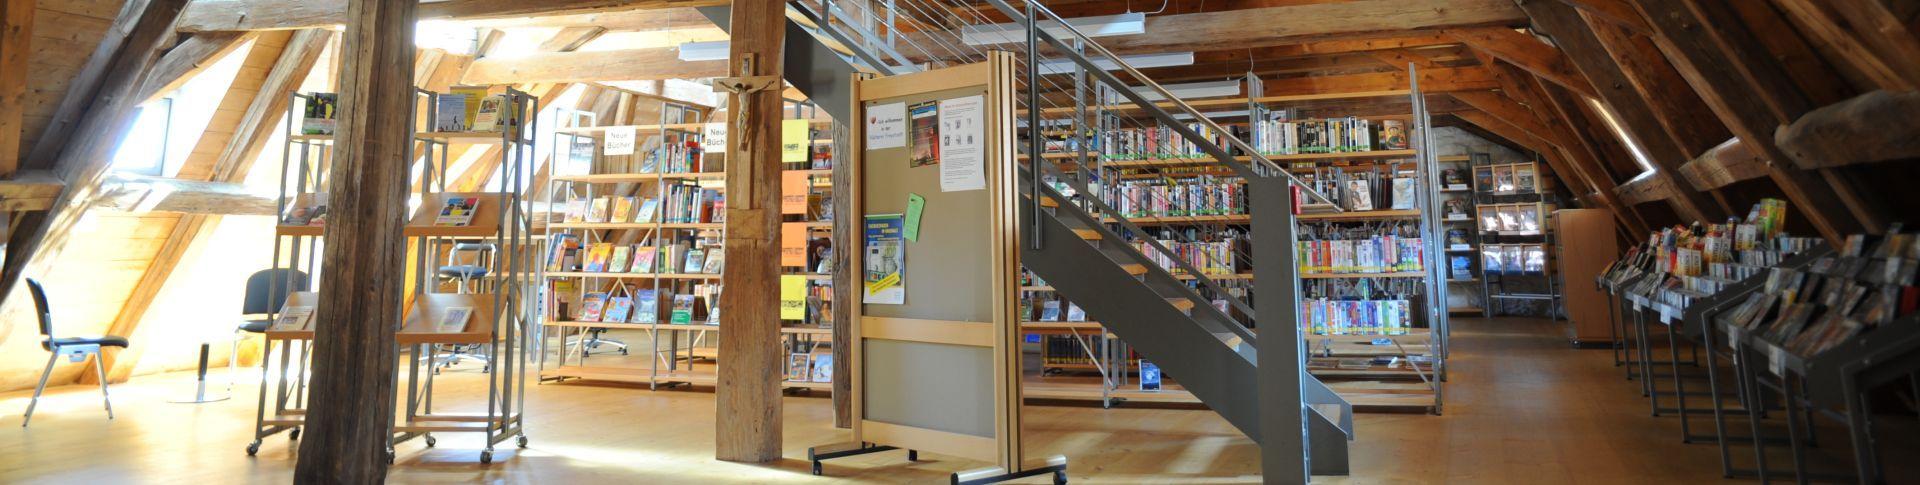 Büchereien